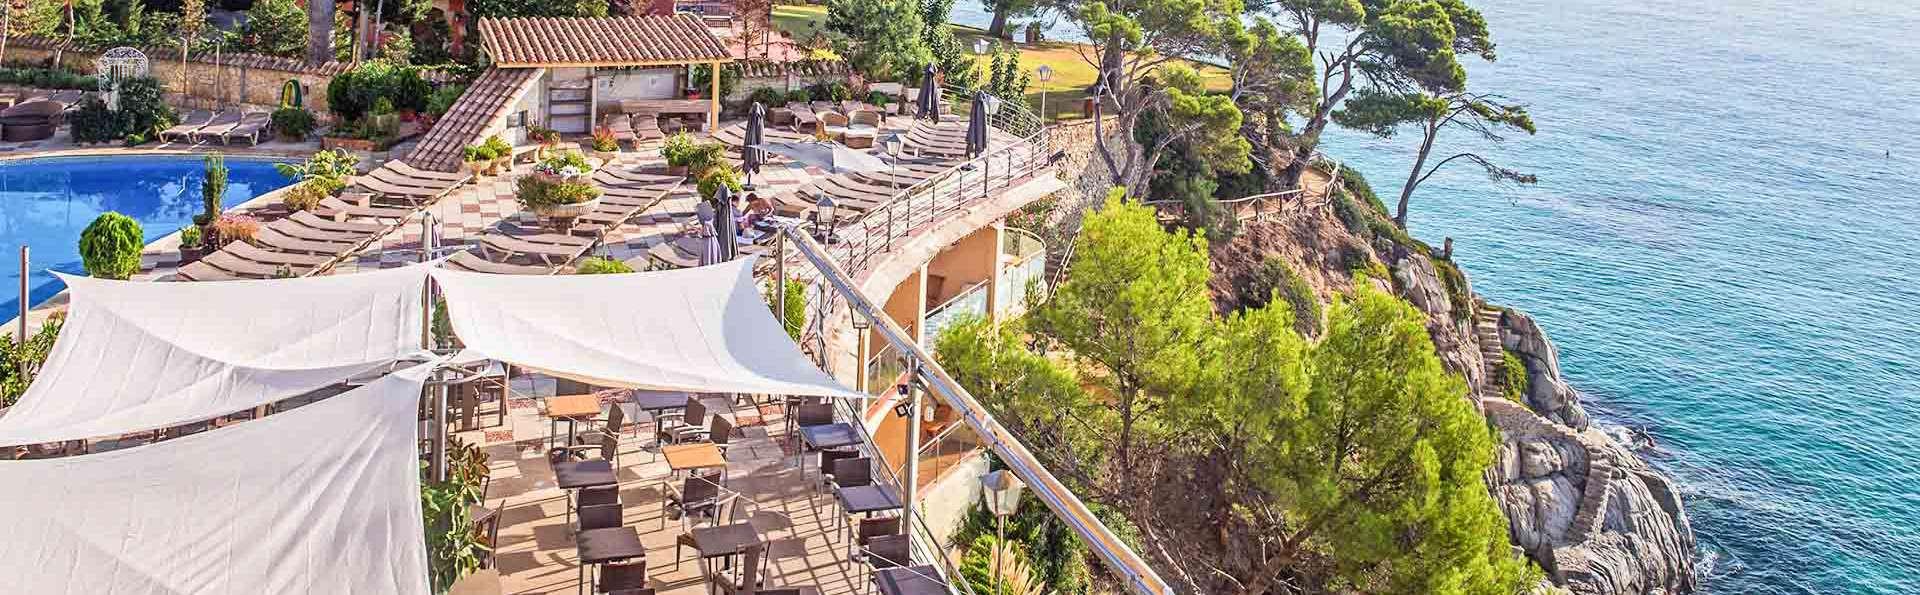 Hotel Cap Roig - EDIT_Seaside_resort_01.jpg